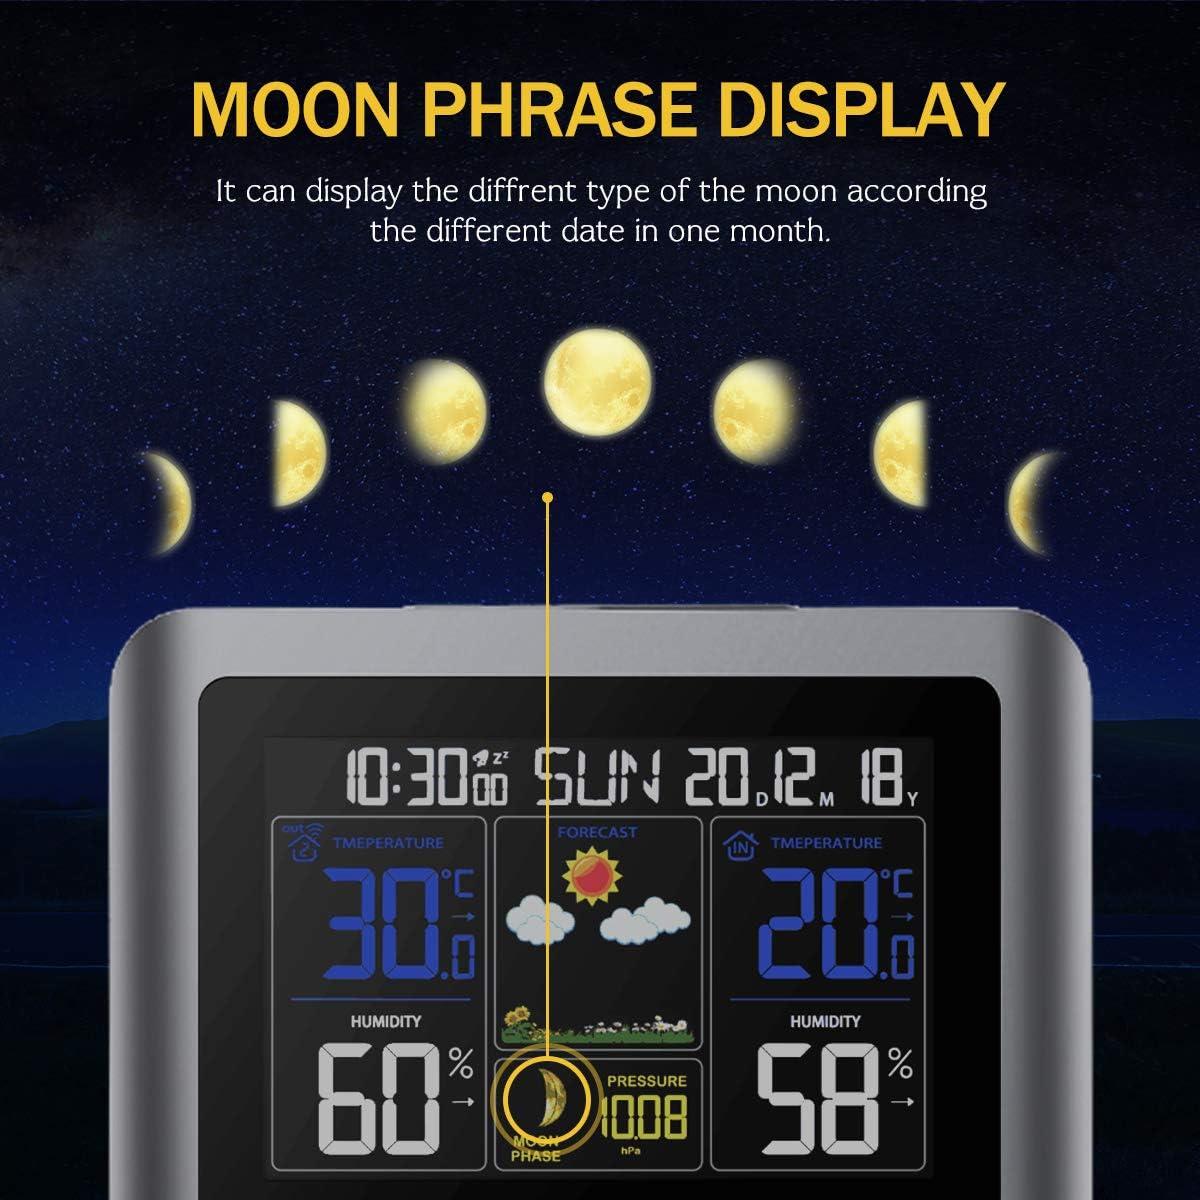 Qomolo Stazione Meteorologica Termometro Igrometro Digitale con Sensore umidit/à Interno Esterno Wireless per Dentro e Fuori per Previsione di Tempo Temperatura Umidita Barometro Fase Lunare